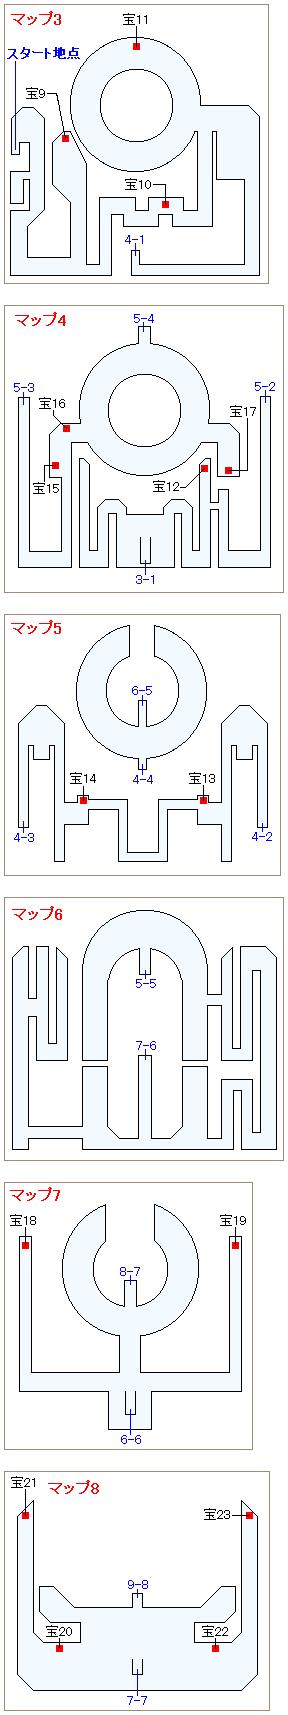 ストーリー攻略マップ・クリスタルタワー(2)